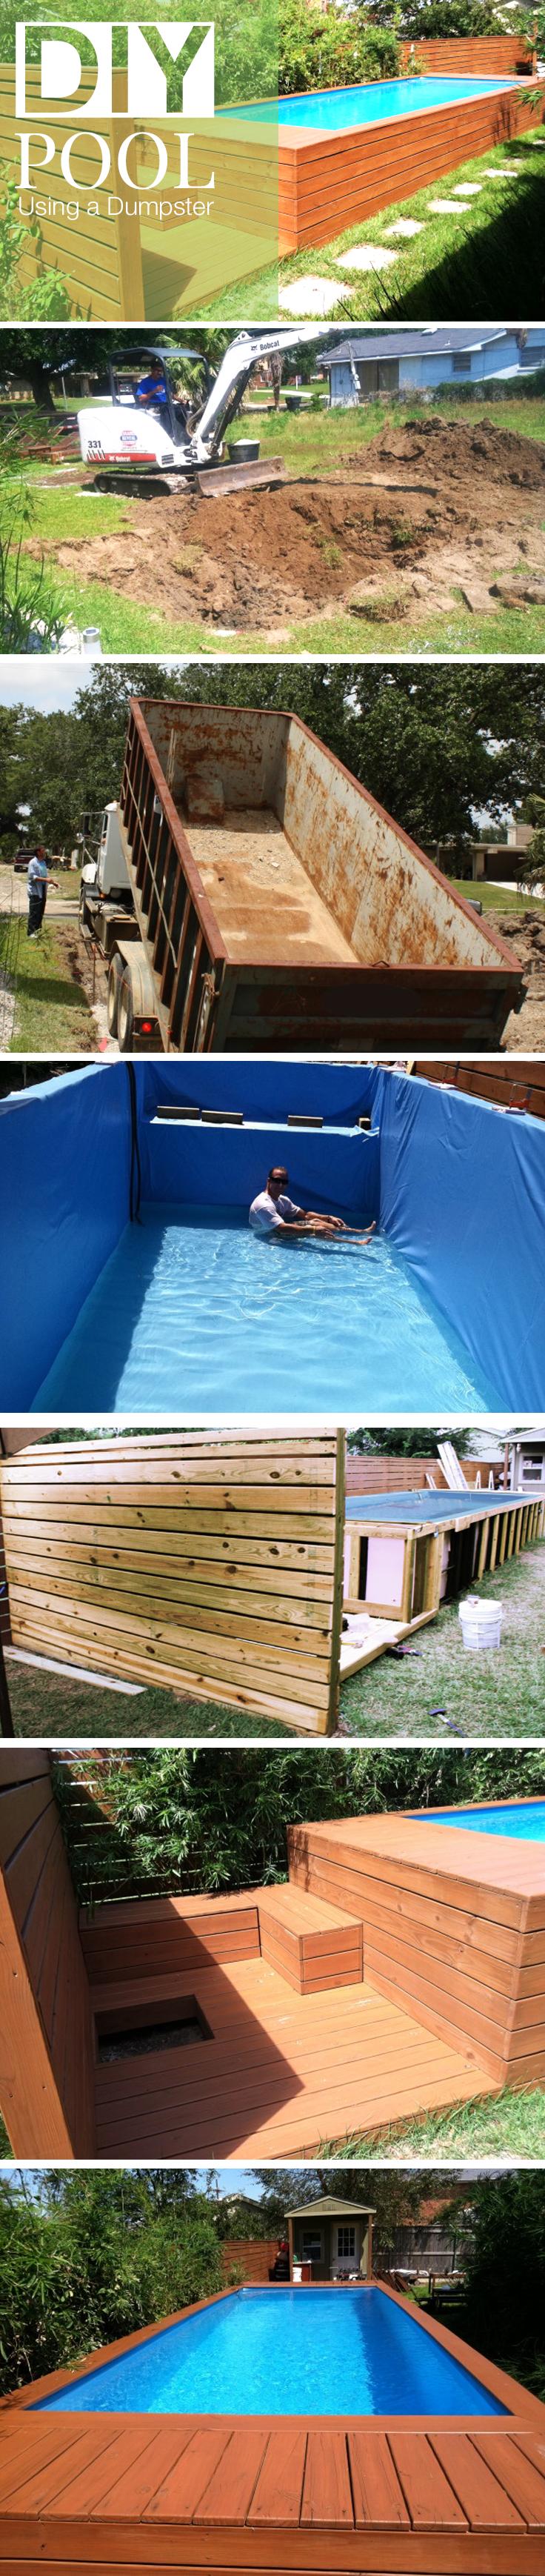 Diy Dumpster Pool This Diy Pool Will Blow You Away Diy Pool Backyard Swimming Pools